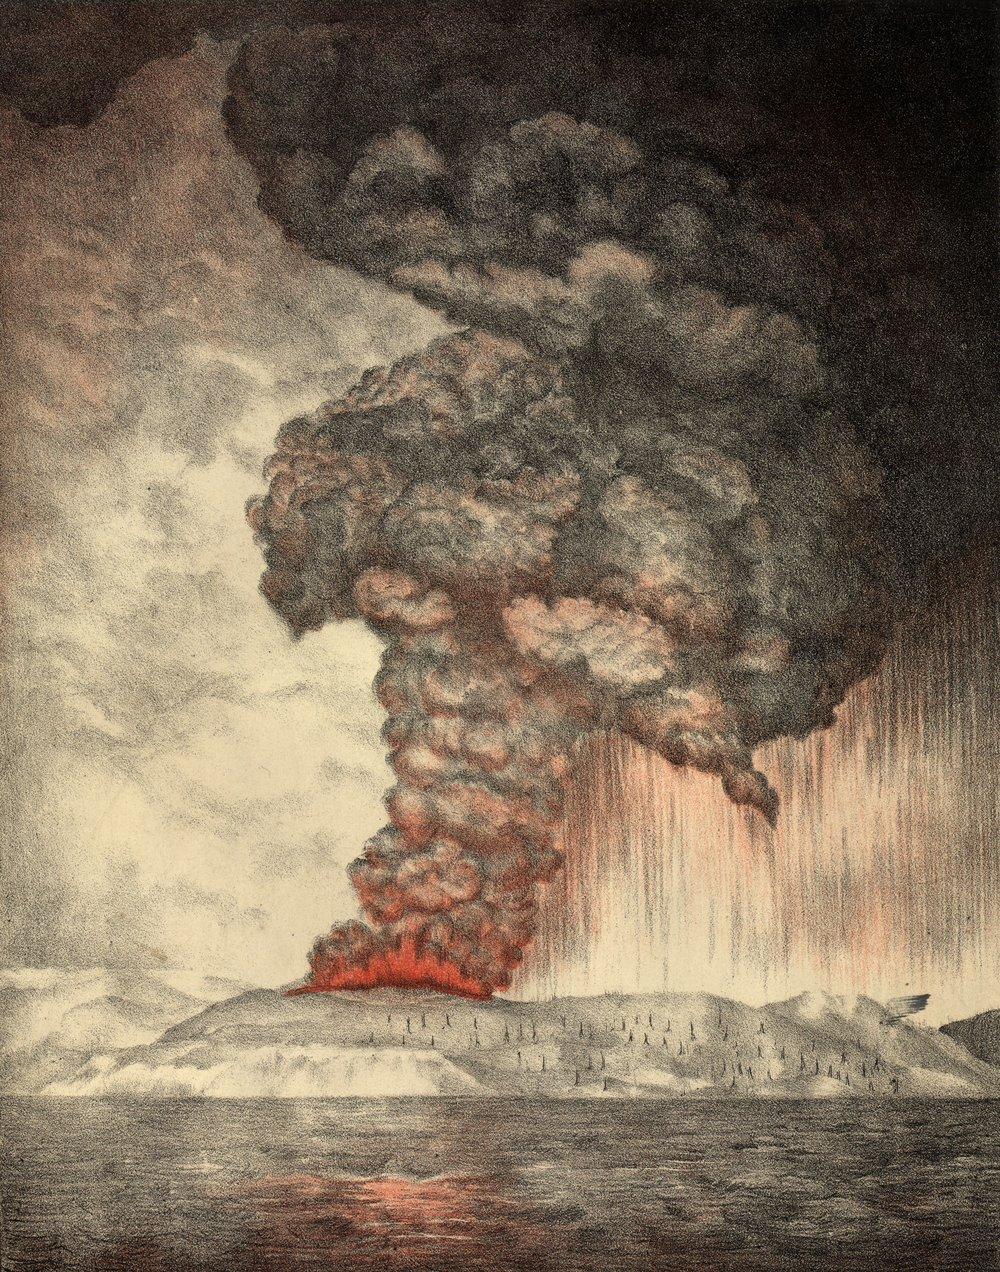 Litografía de la explosión del Krakatoa